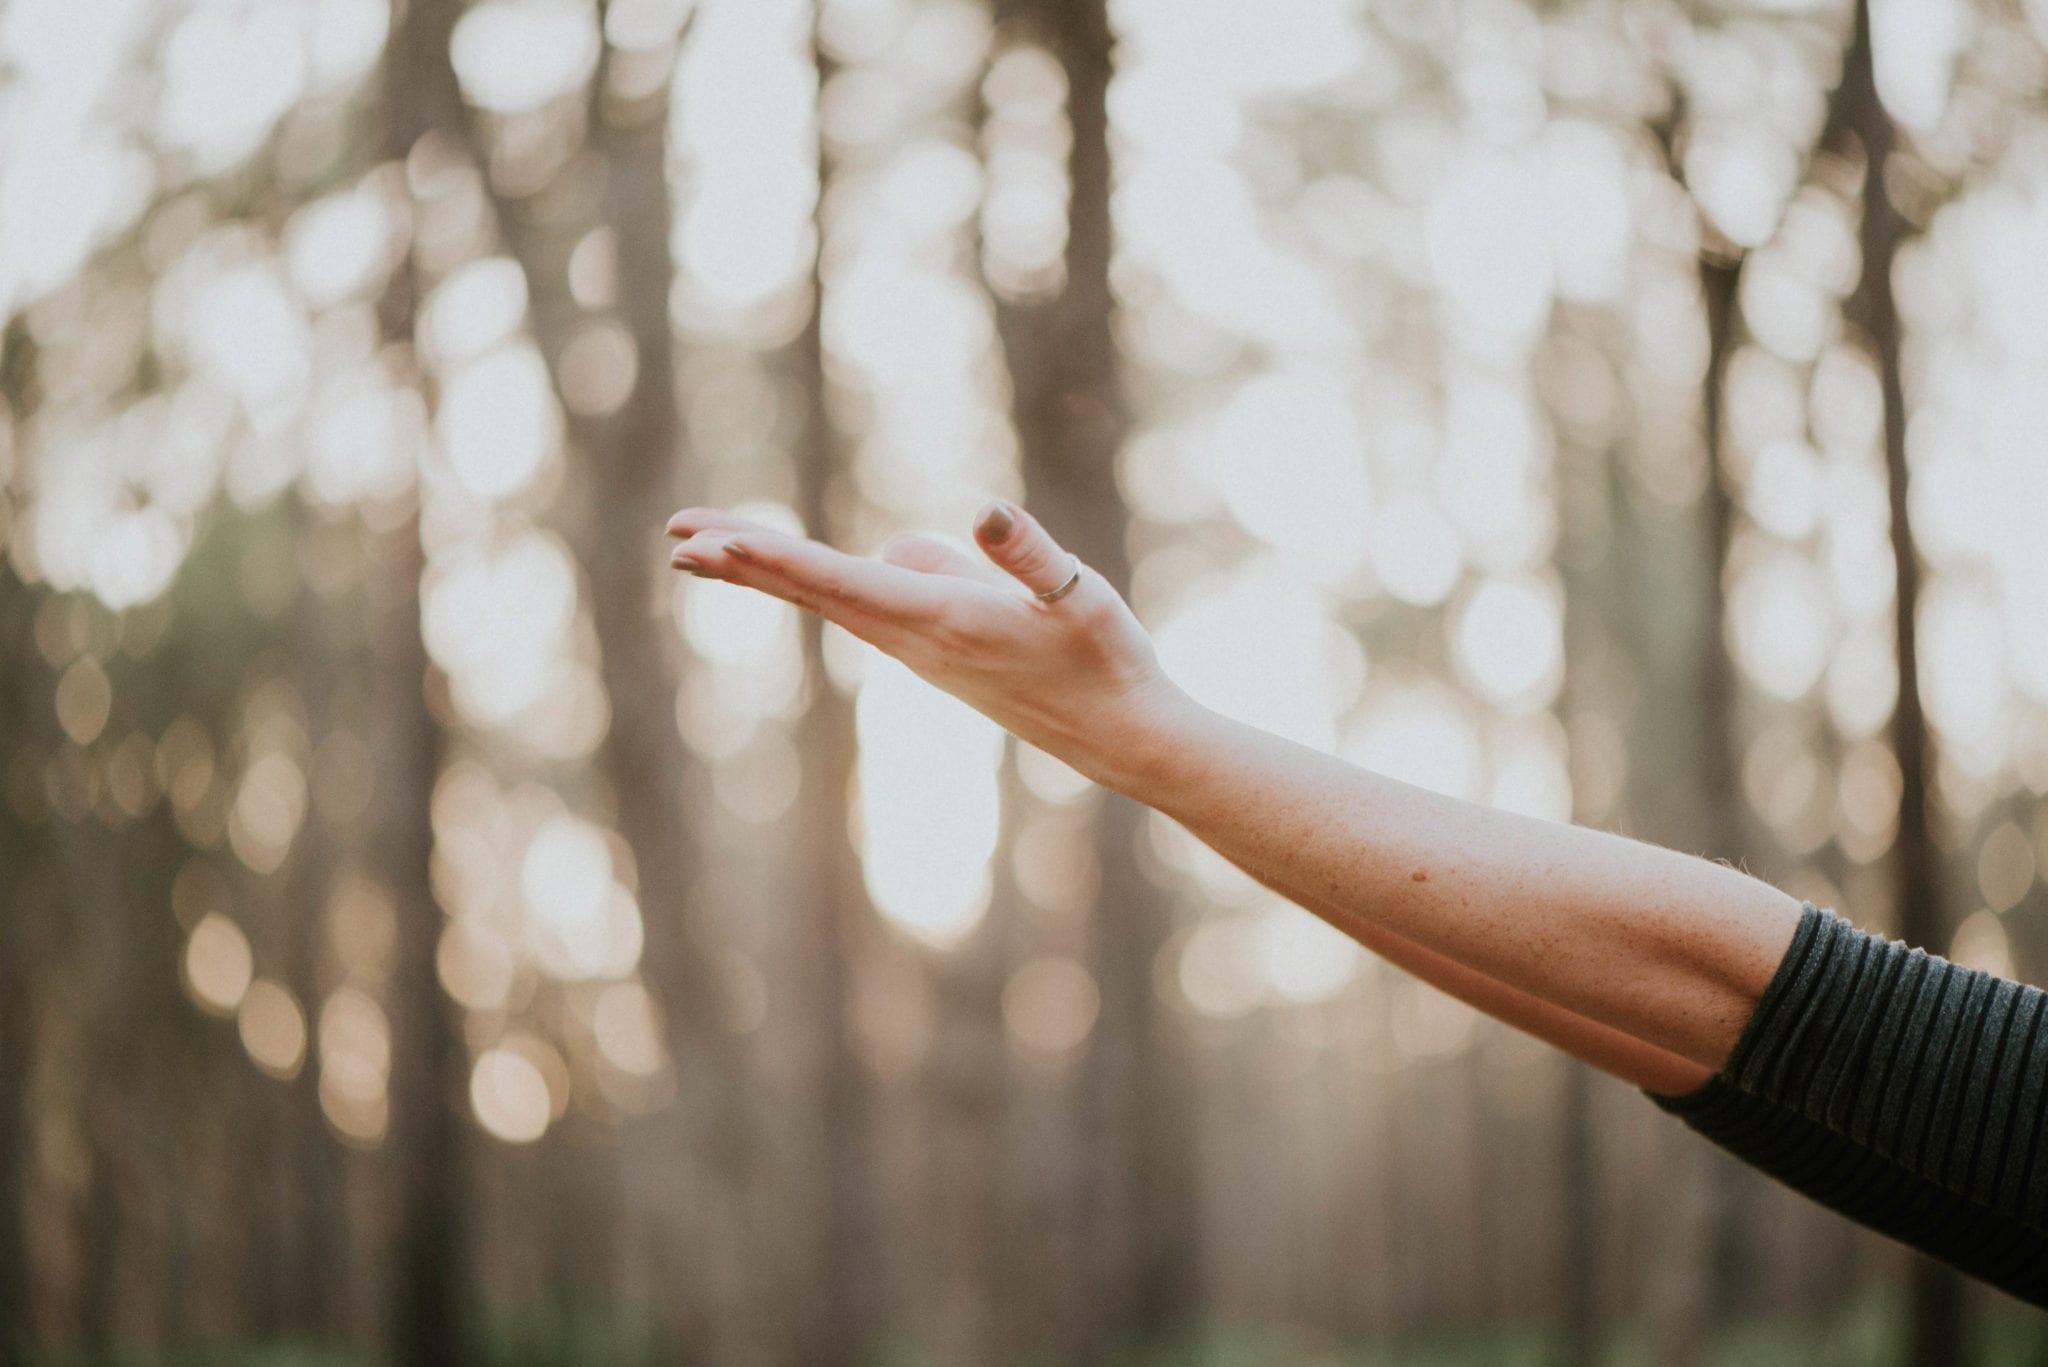 le mani distese possono simbolizzare il benessere